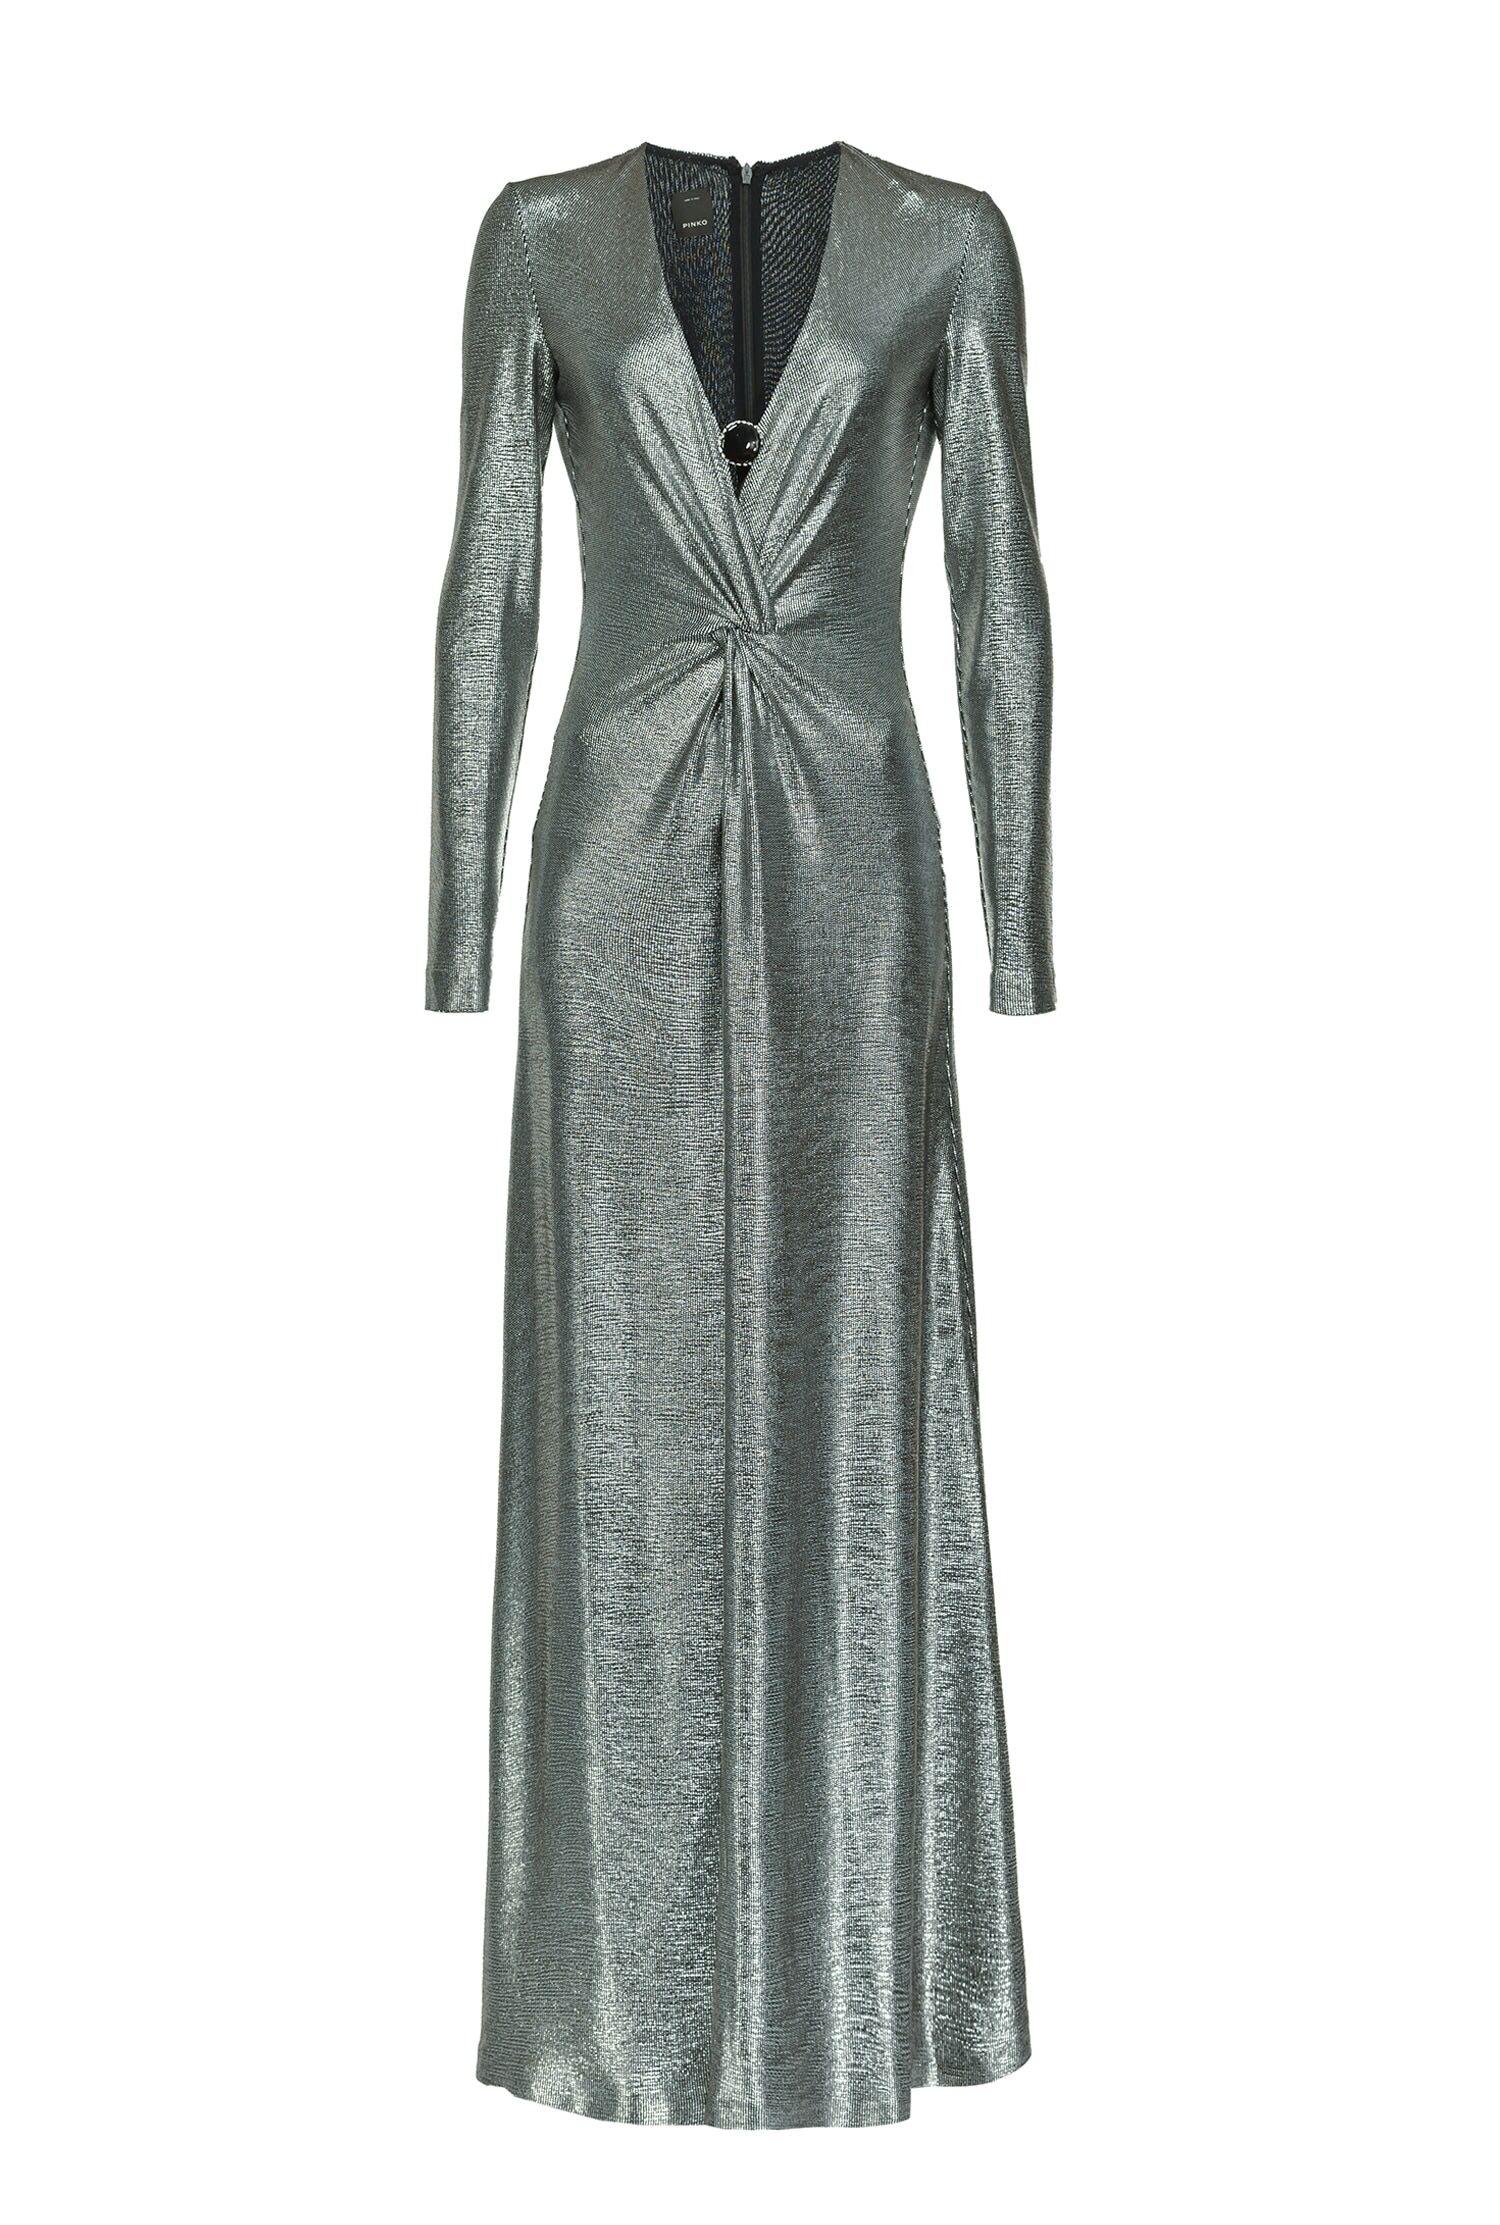 Long Dress In Laminated Jersey - Pinko